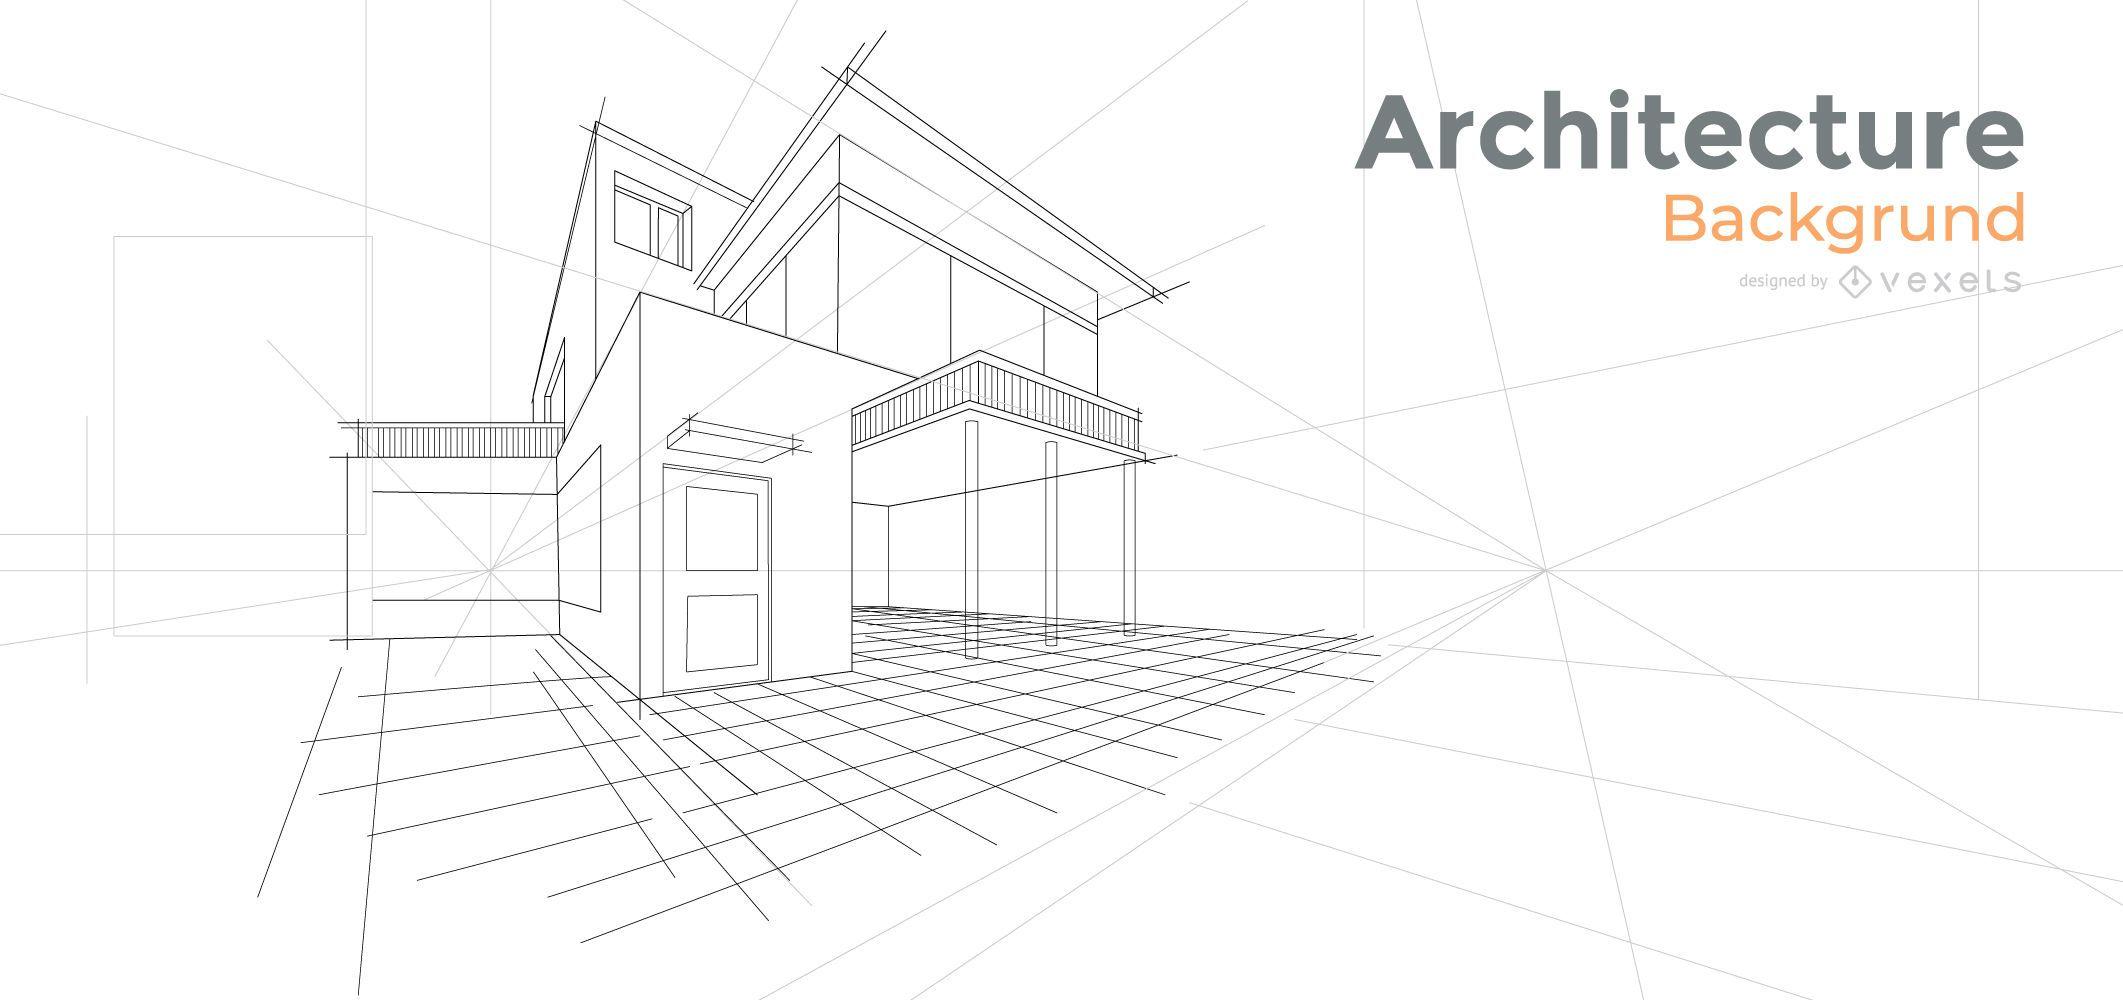 Diseño de fondo de casa de arquitectura